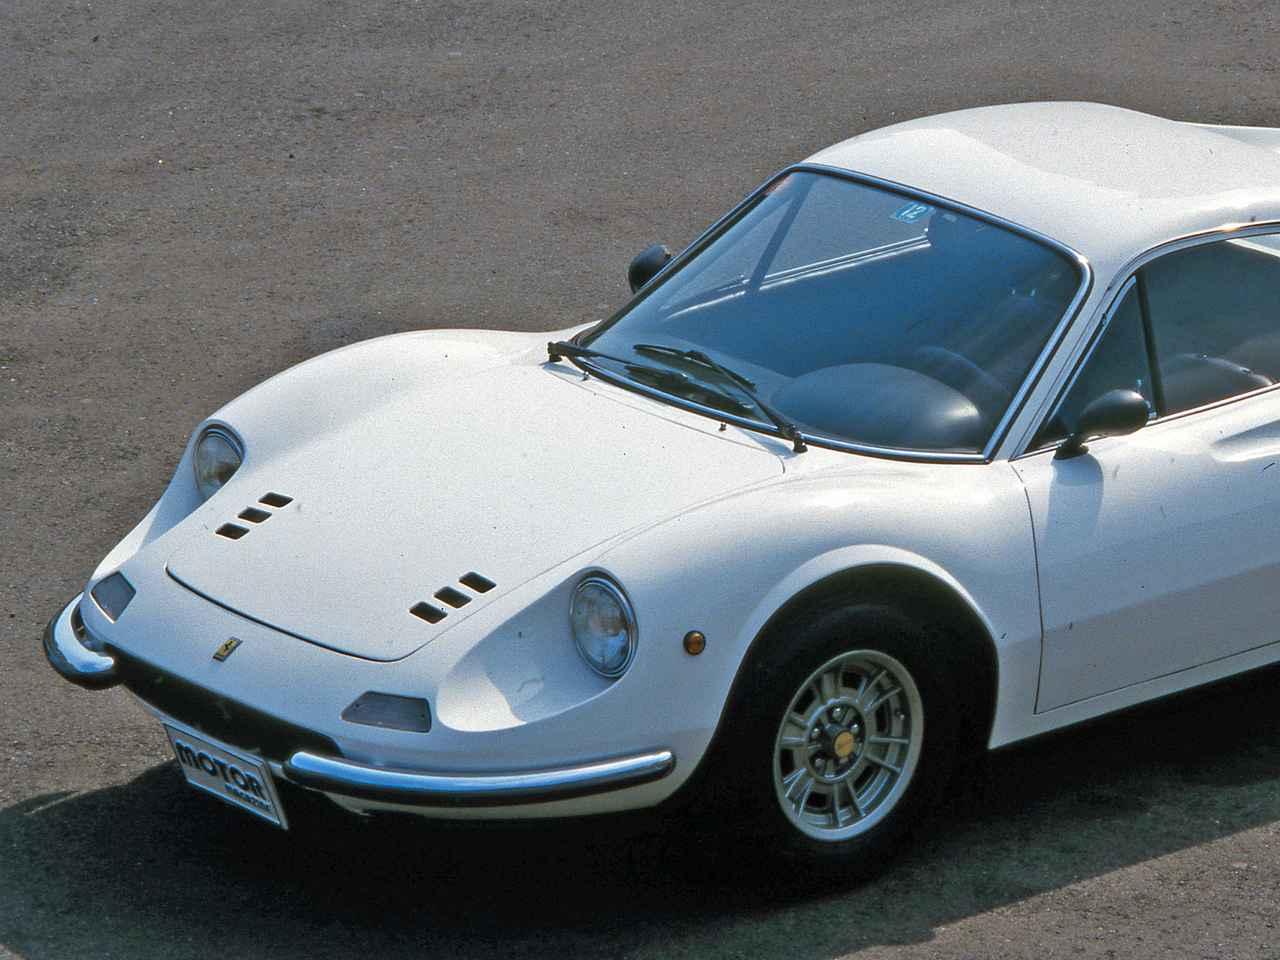 【スーパーカー人気ランキング】第6位「ディーノ246GT」は生産終了後も根強い人気を誇るピッコロ フェラーリ